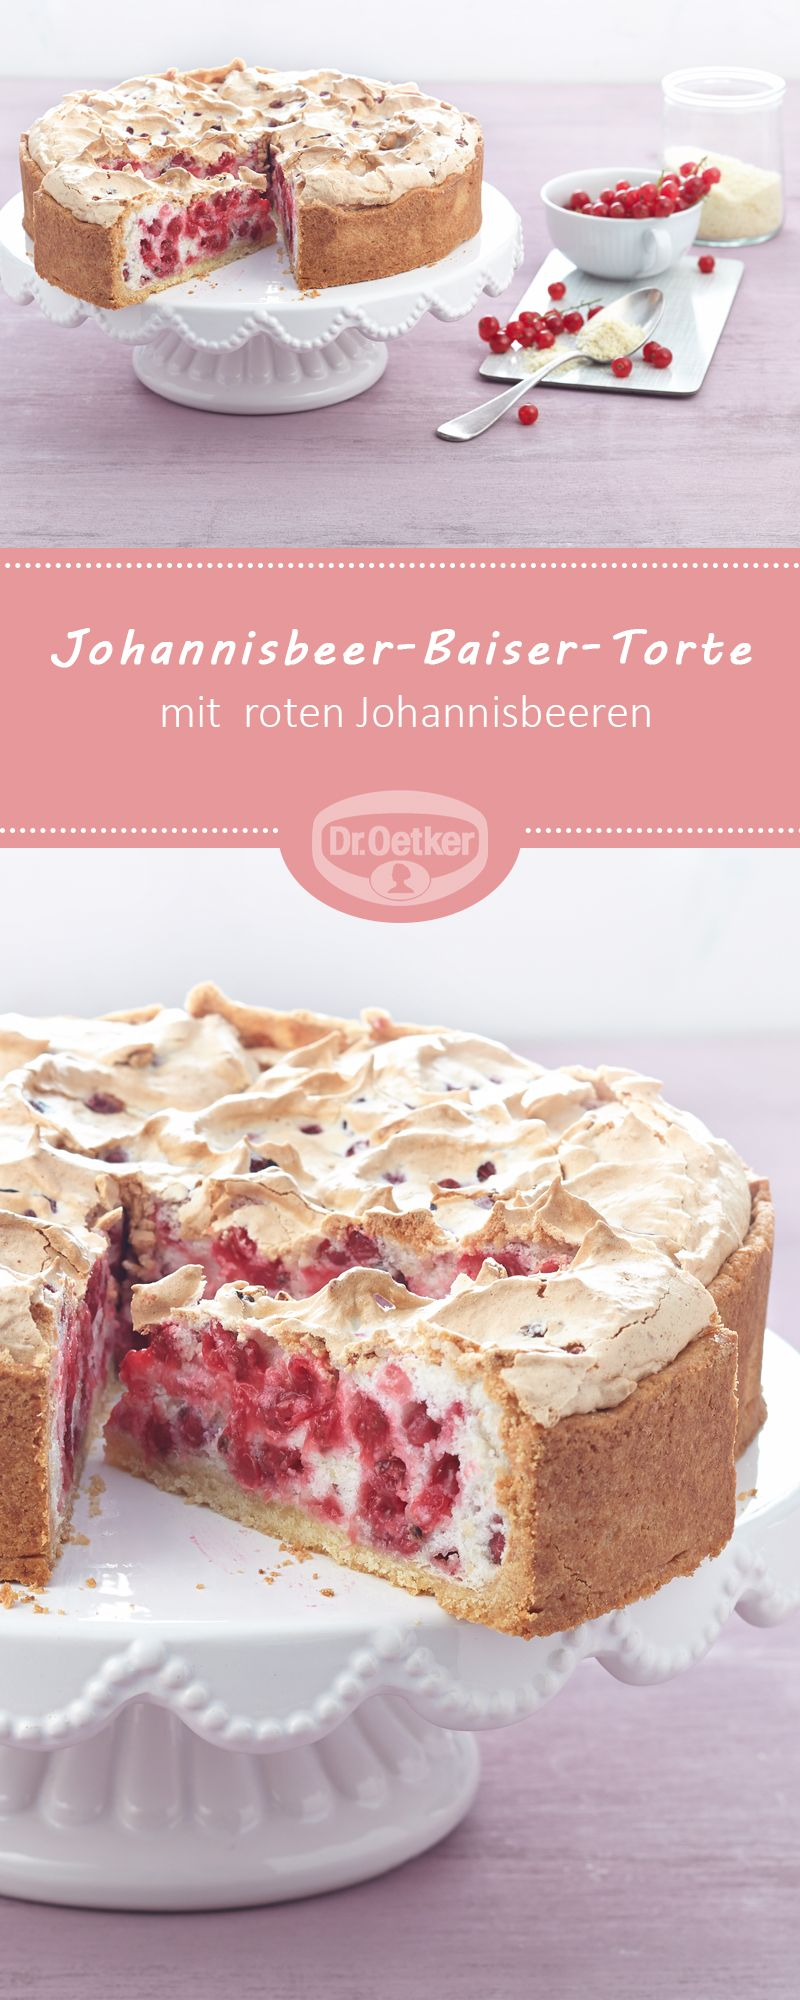 Johannisbeer Baiser Torte Traublestorte Rezept Bake Factory